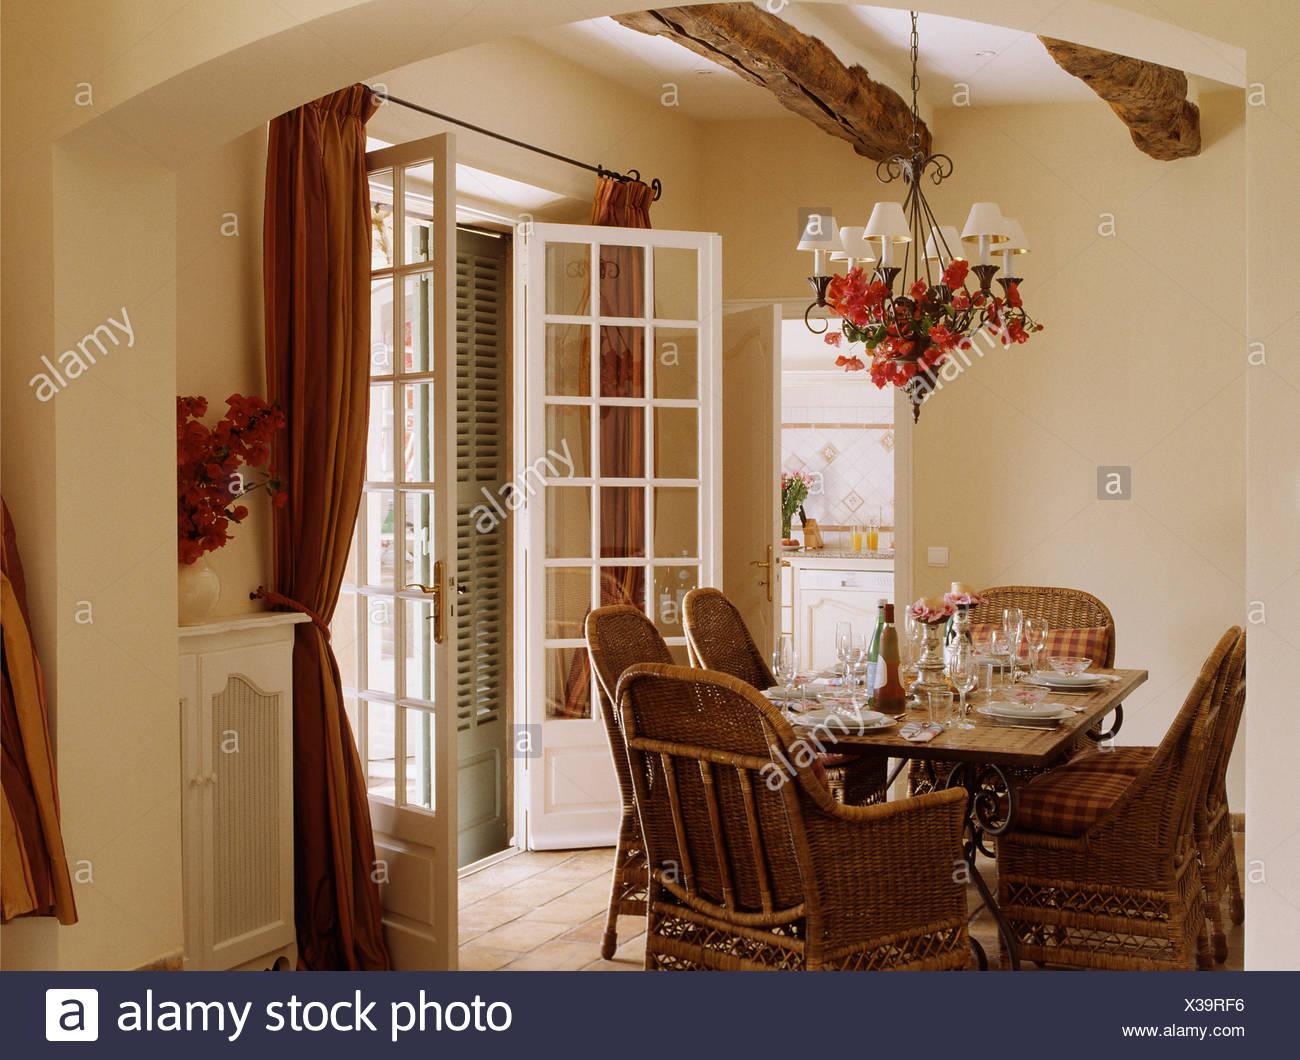 Sedie di canna al tavolo per il pranzo in crema paese francese sala ...